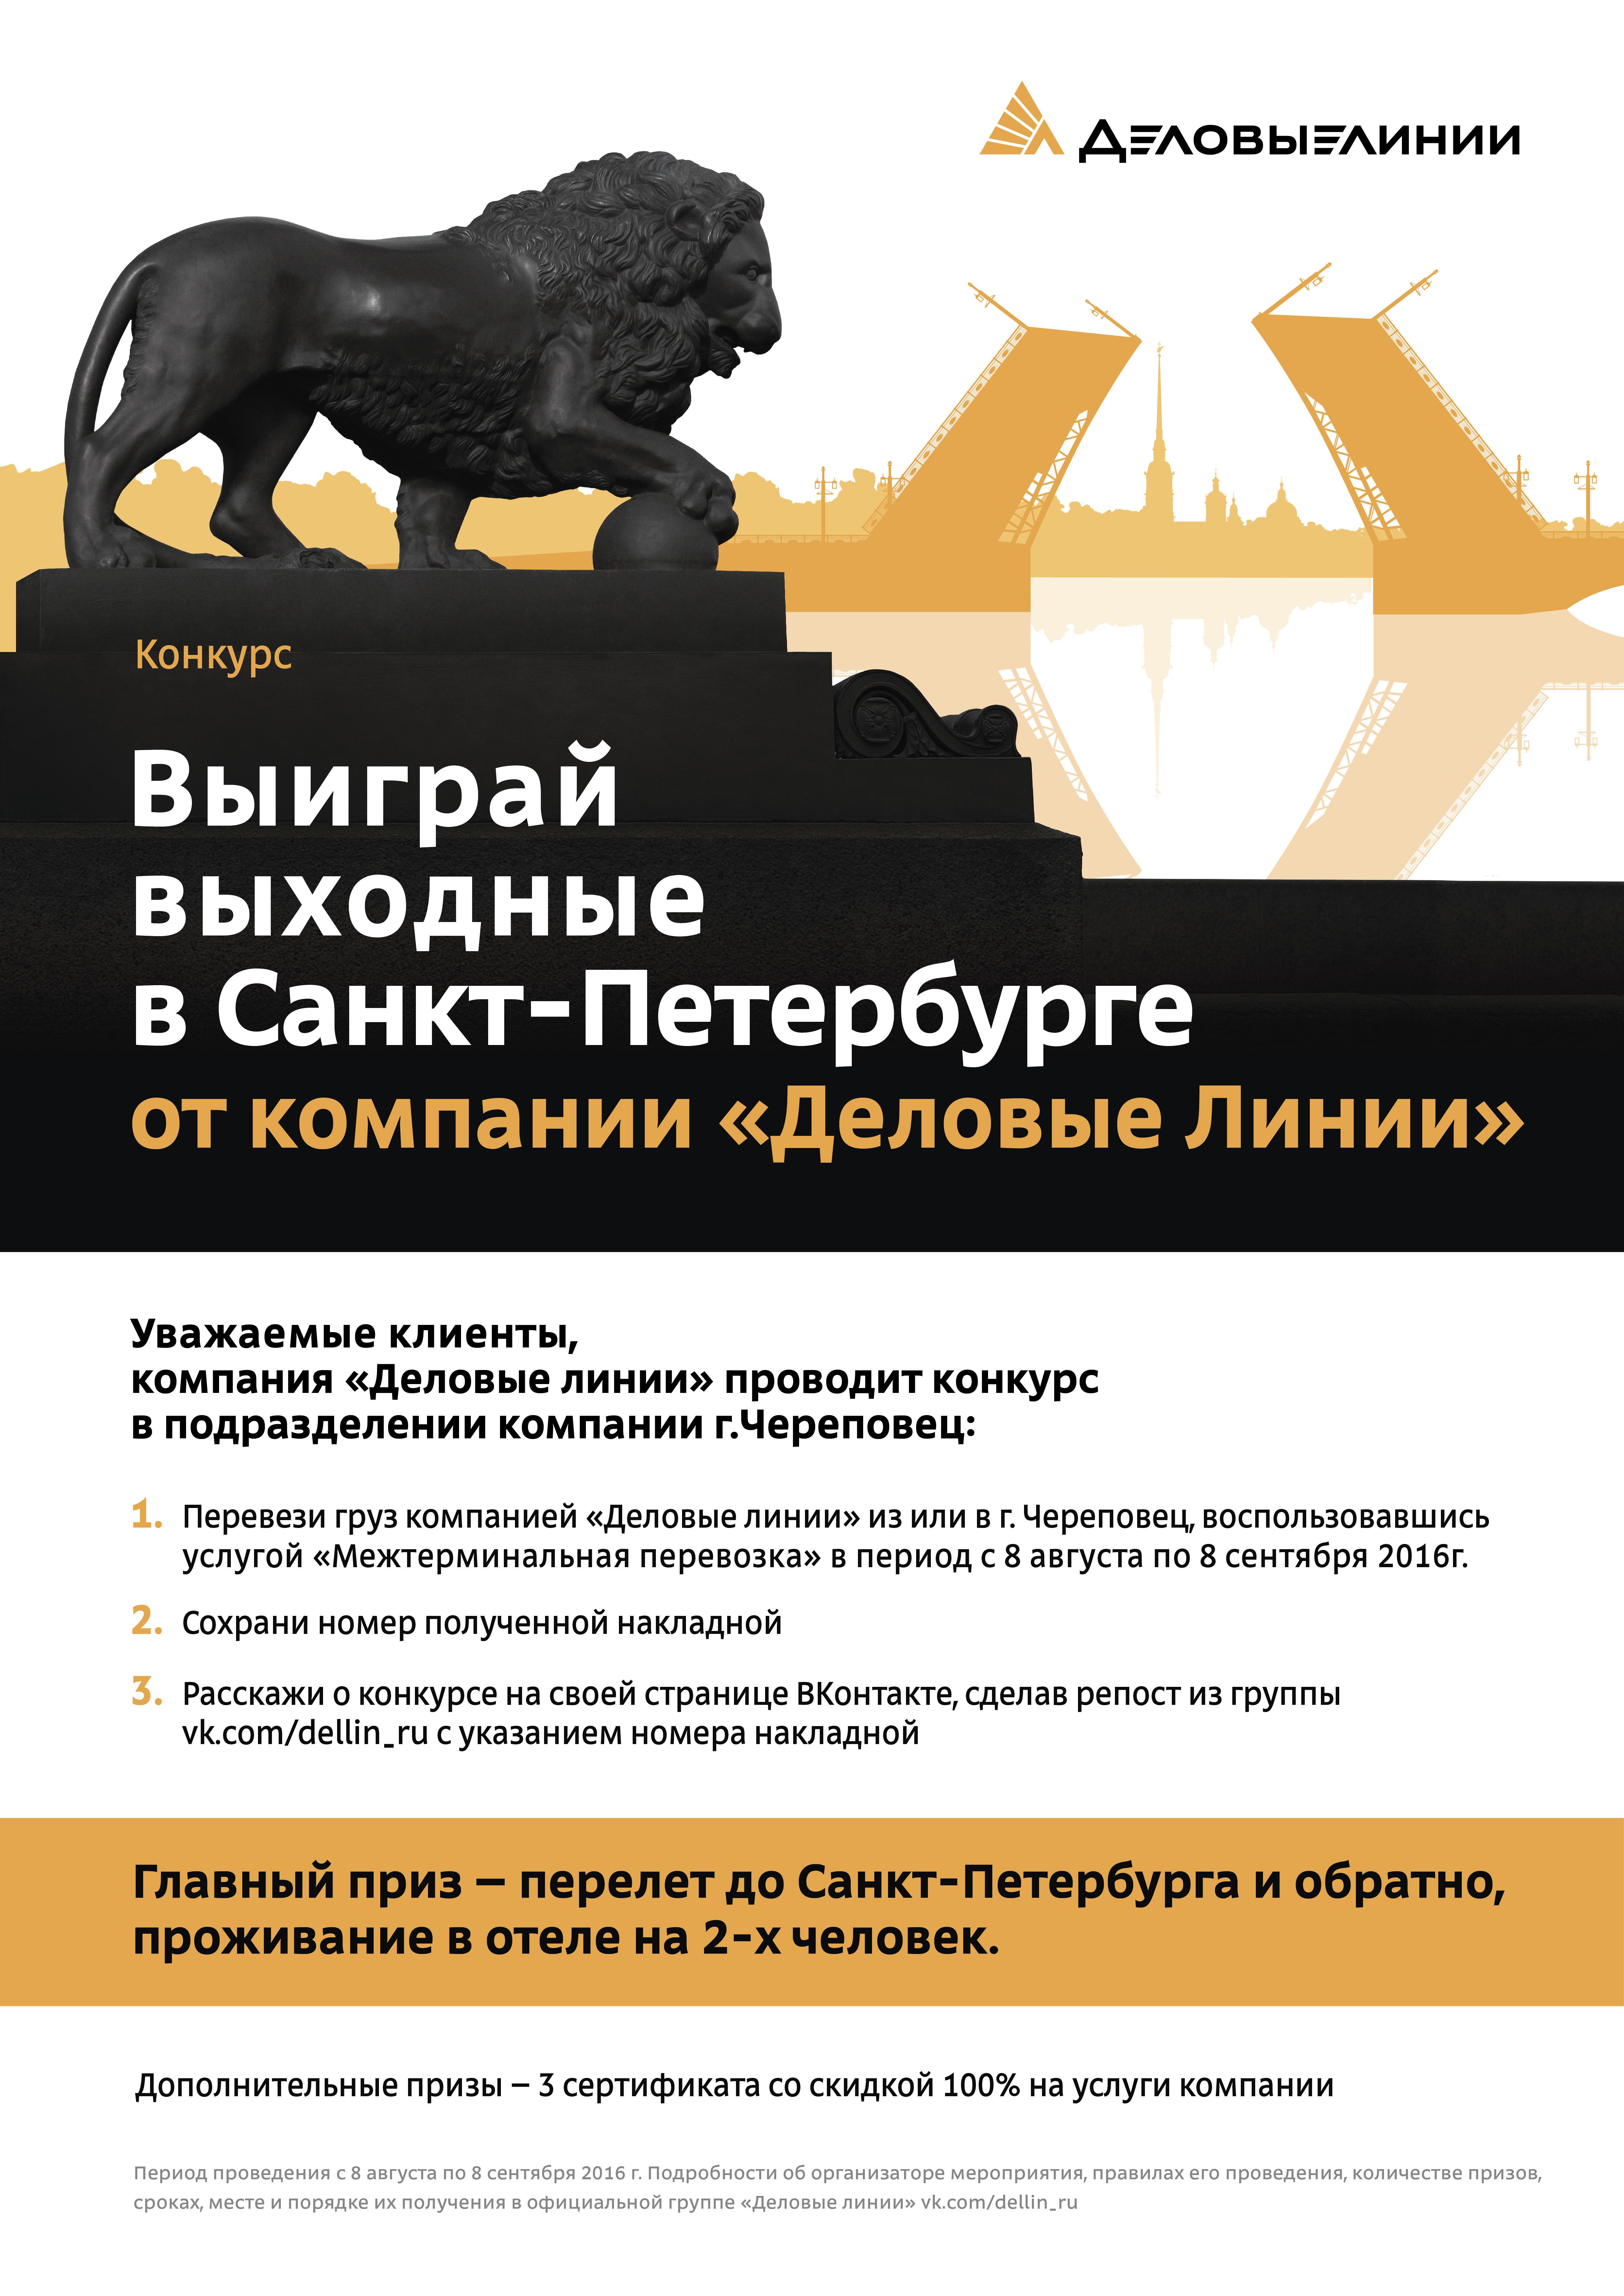 Плакат Деловые Линии «Выиграй выходные в Санкт-Петербурге»